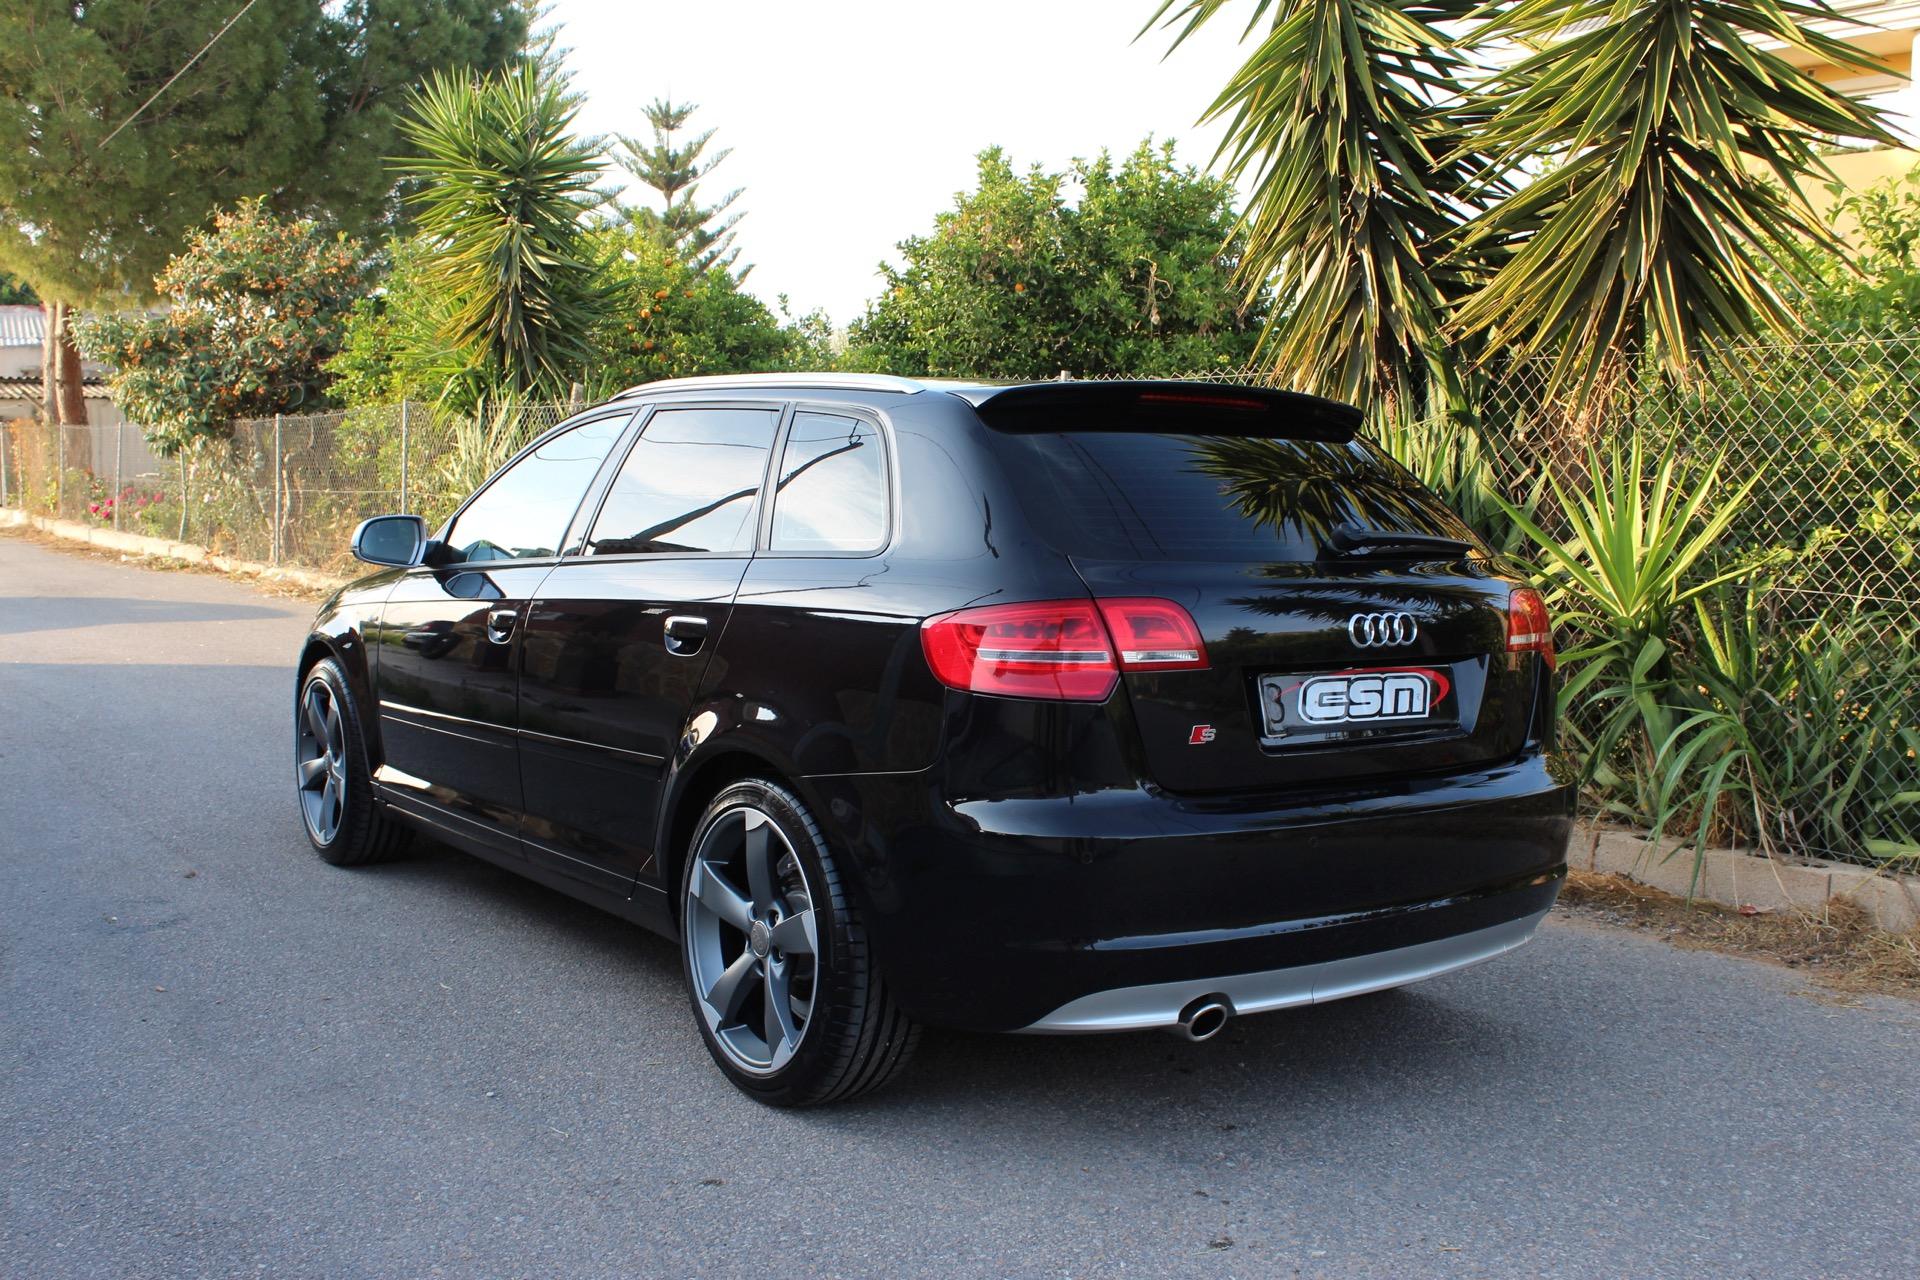 Audi A3 Ambition Numero 1229